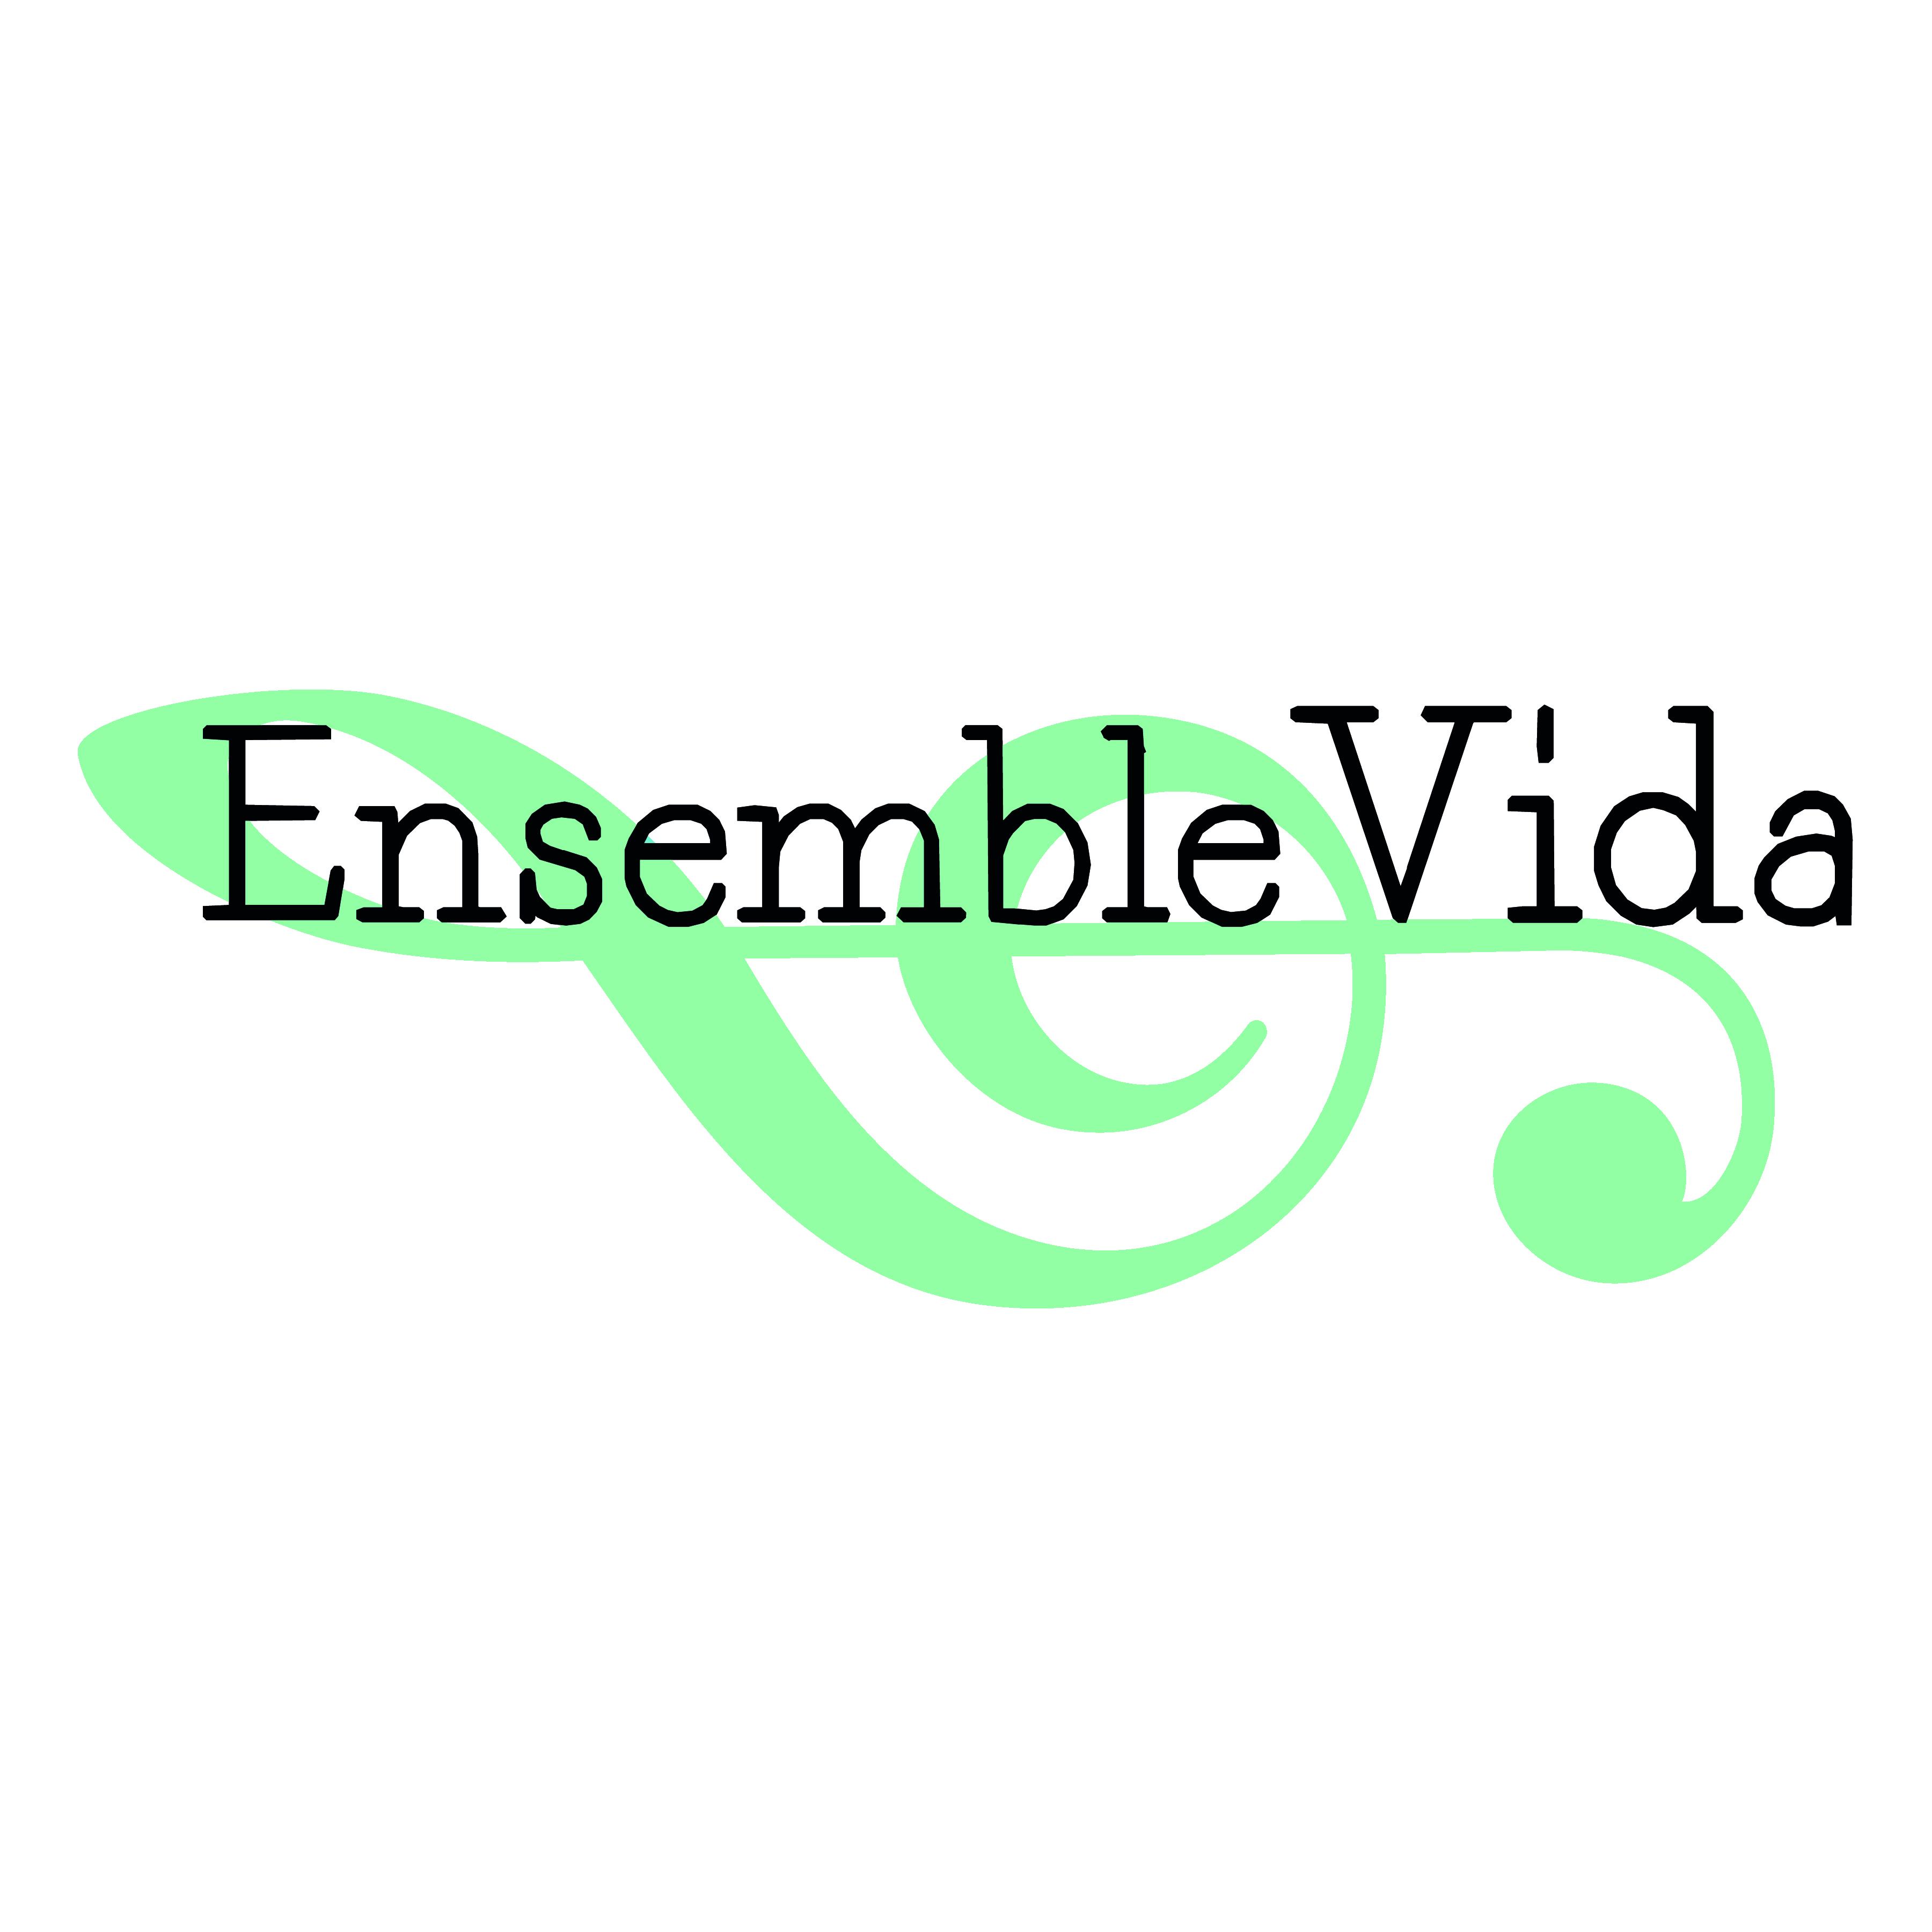 Ensemble Vida logo våren 2015